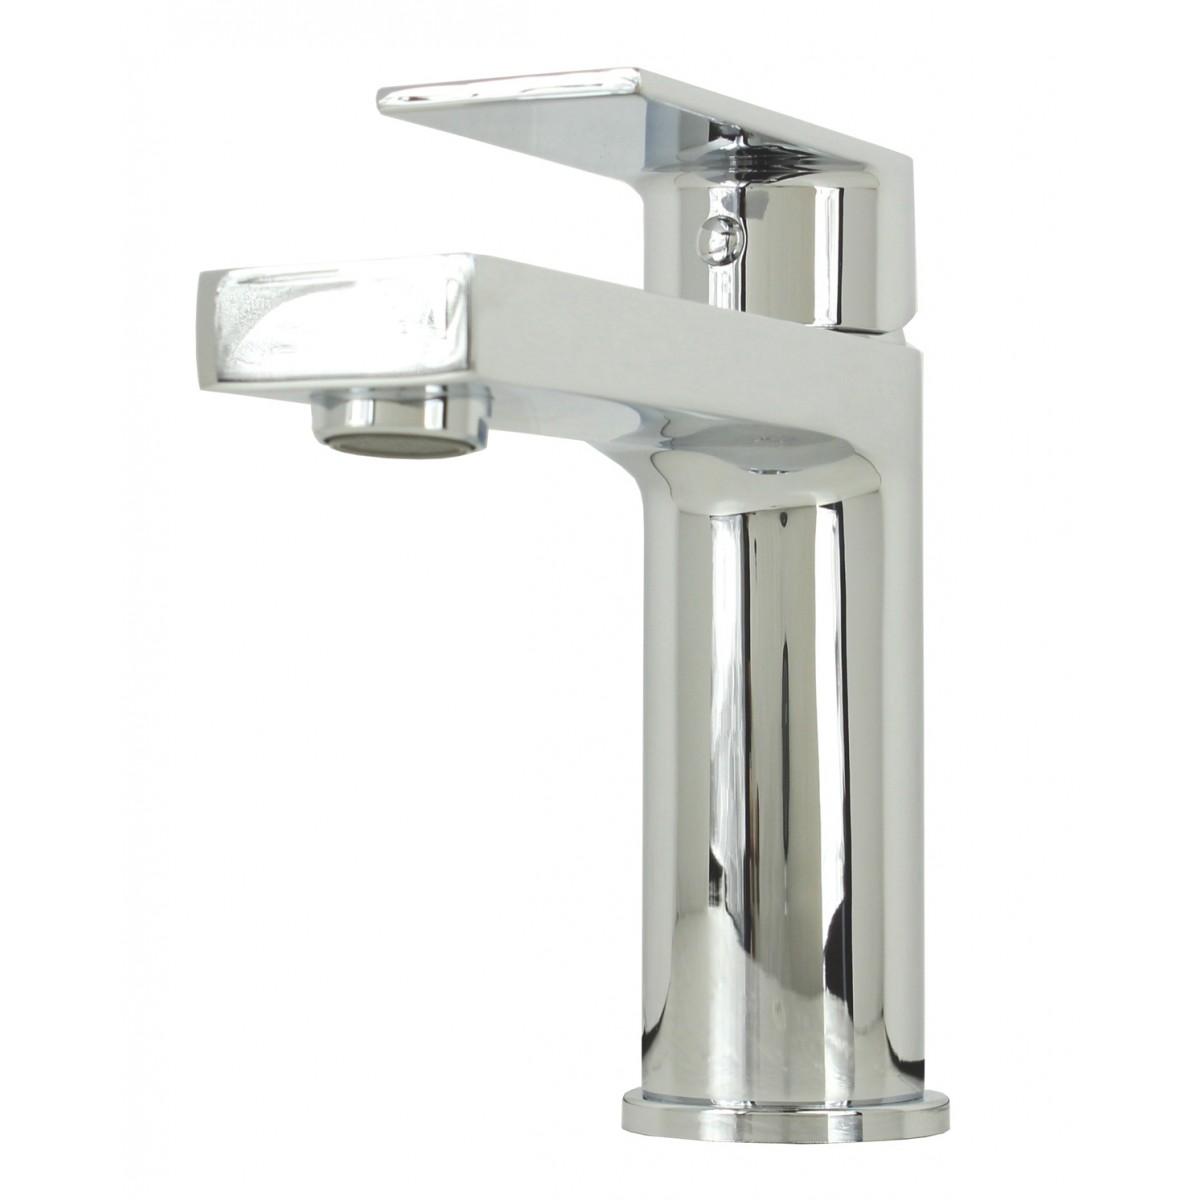 3 Hole Vessel Sink : Anna Polished Chrome Bathroom Vessel Sink Single Hole Faucet